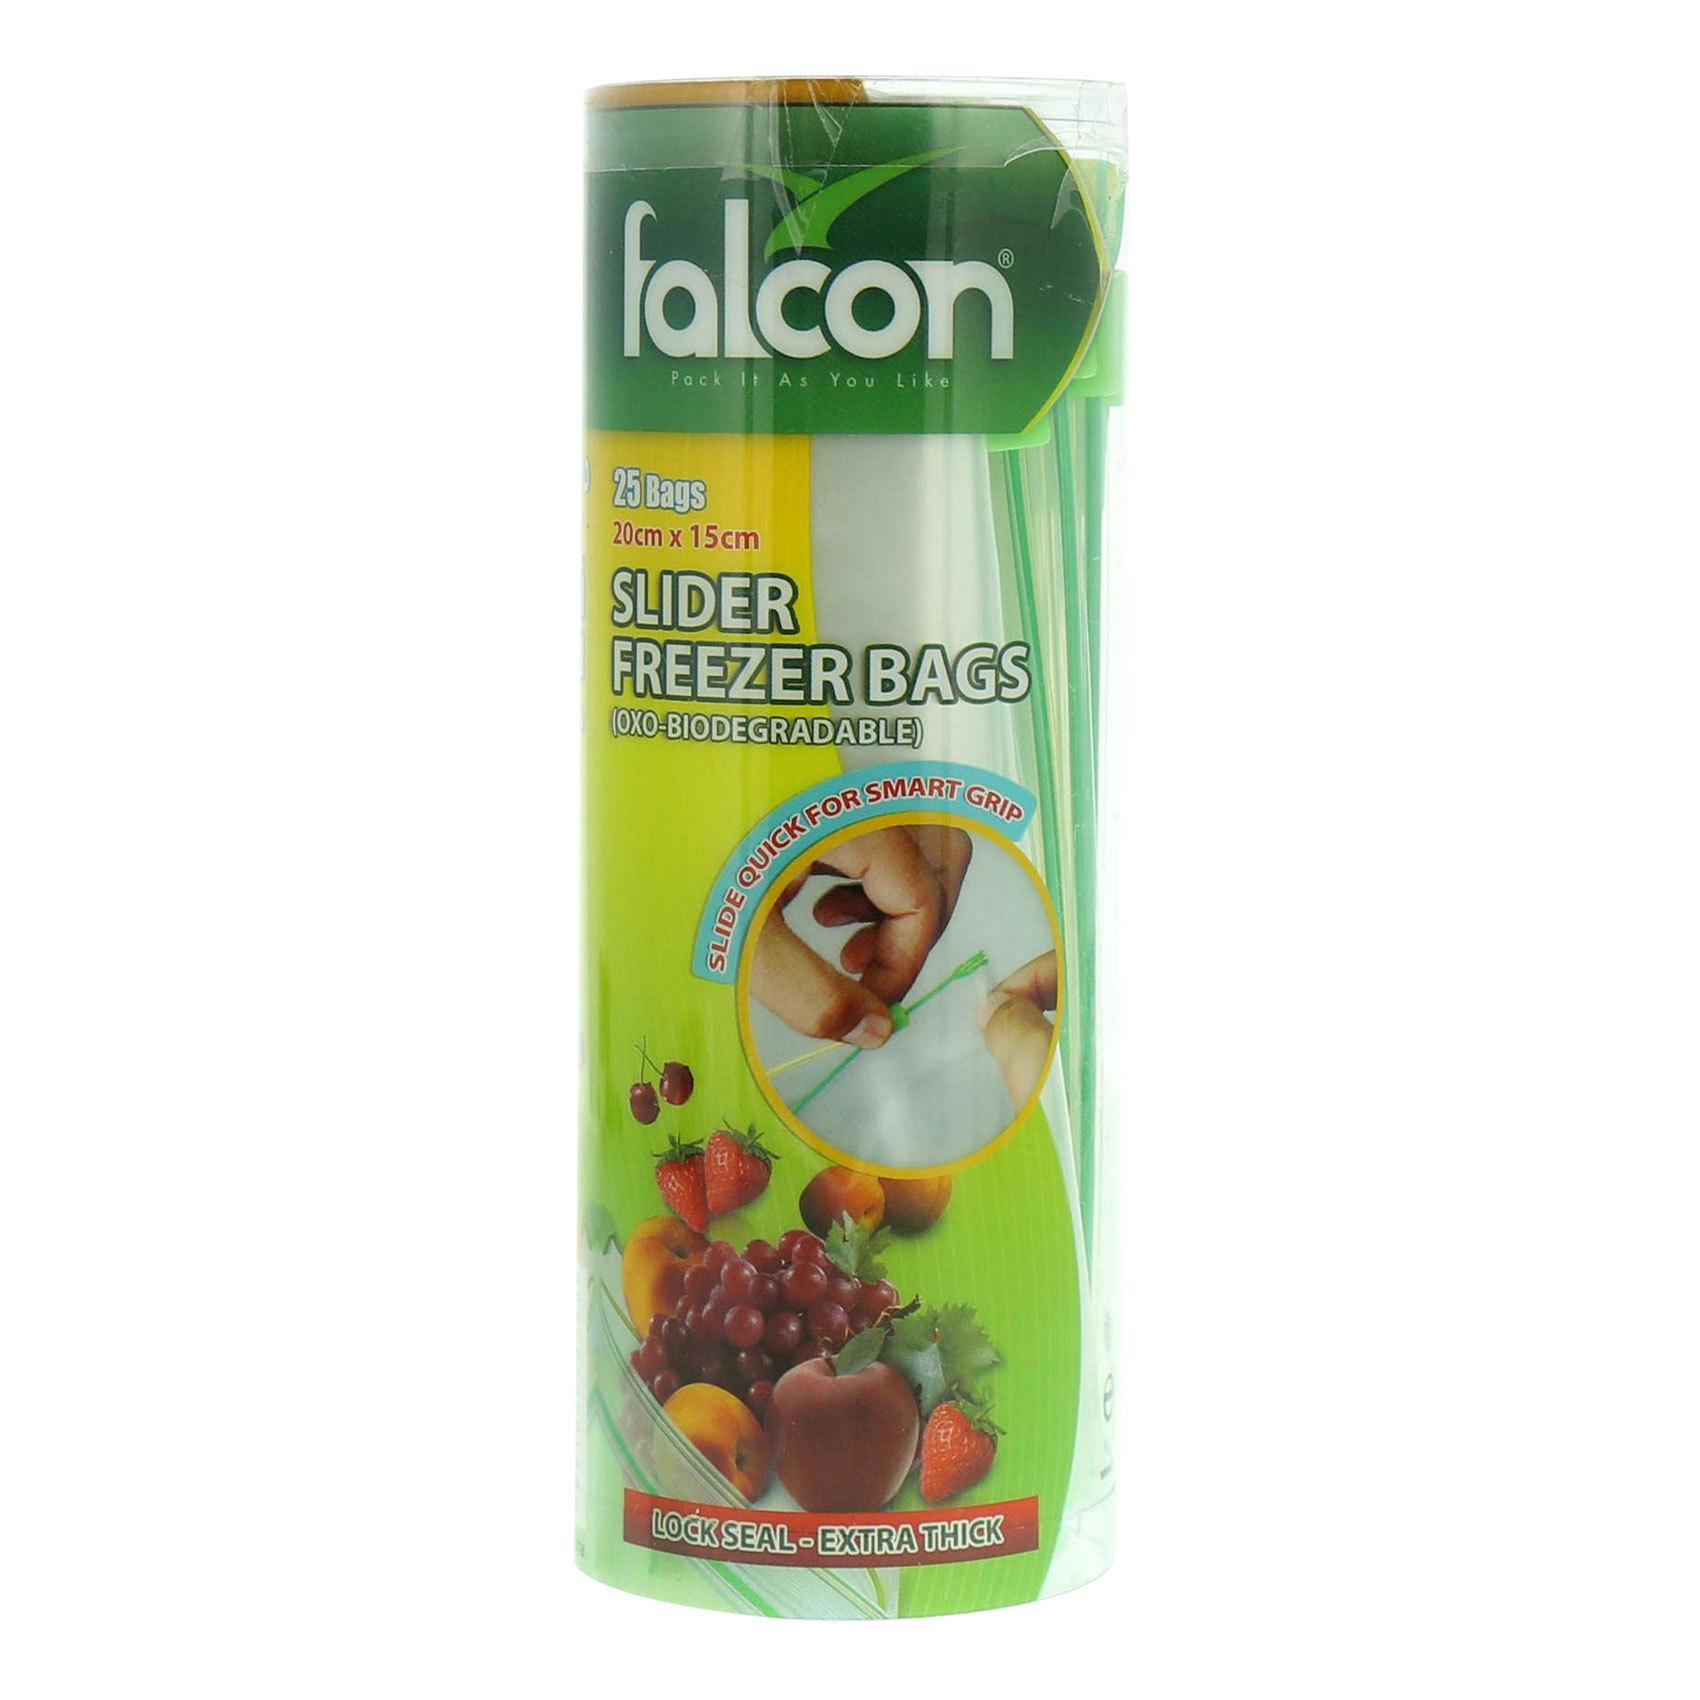 FALCON FREEZER BAG 20X15CM